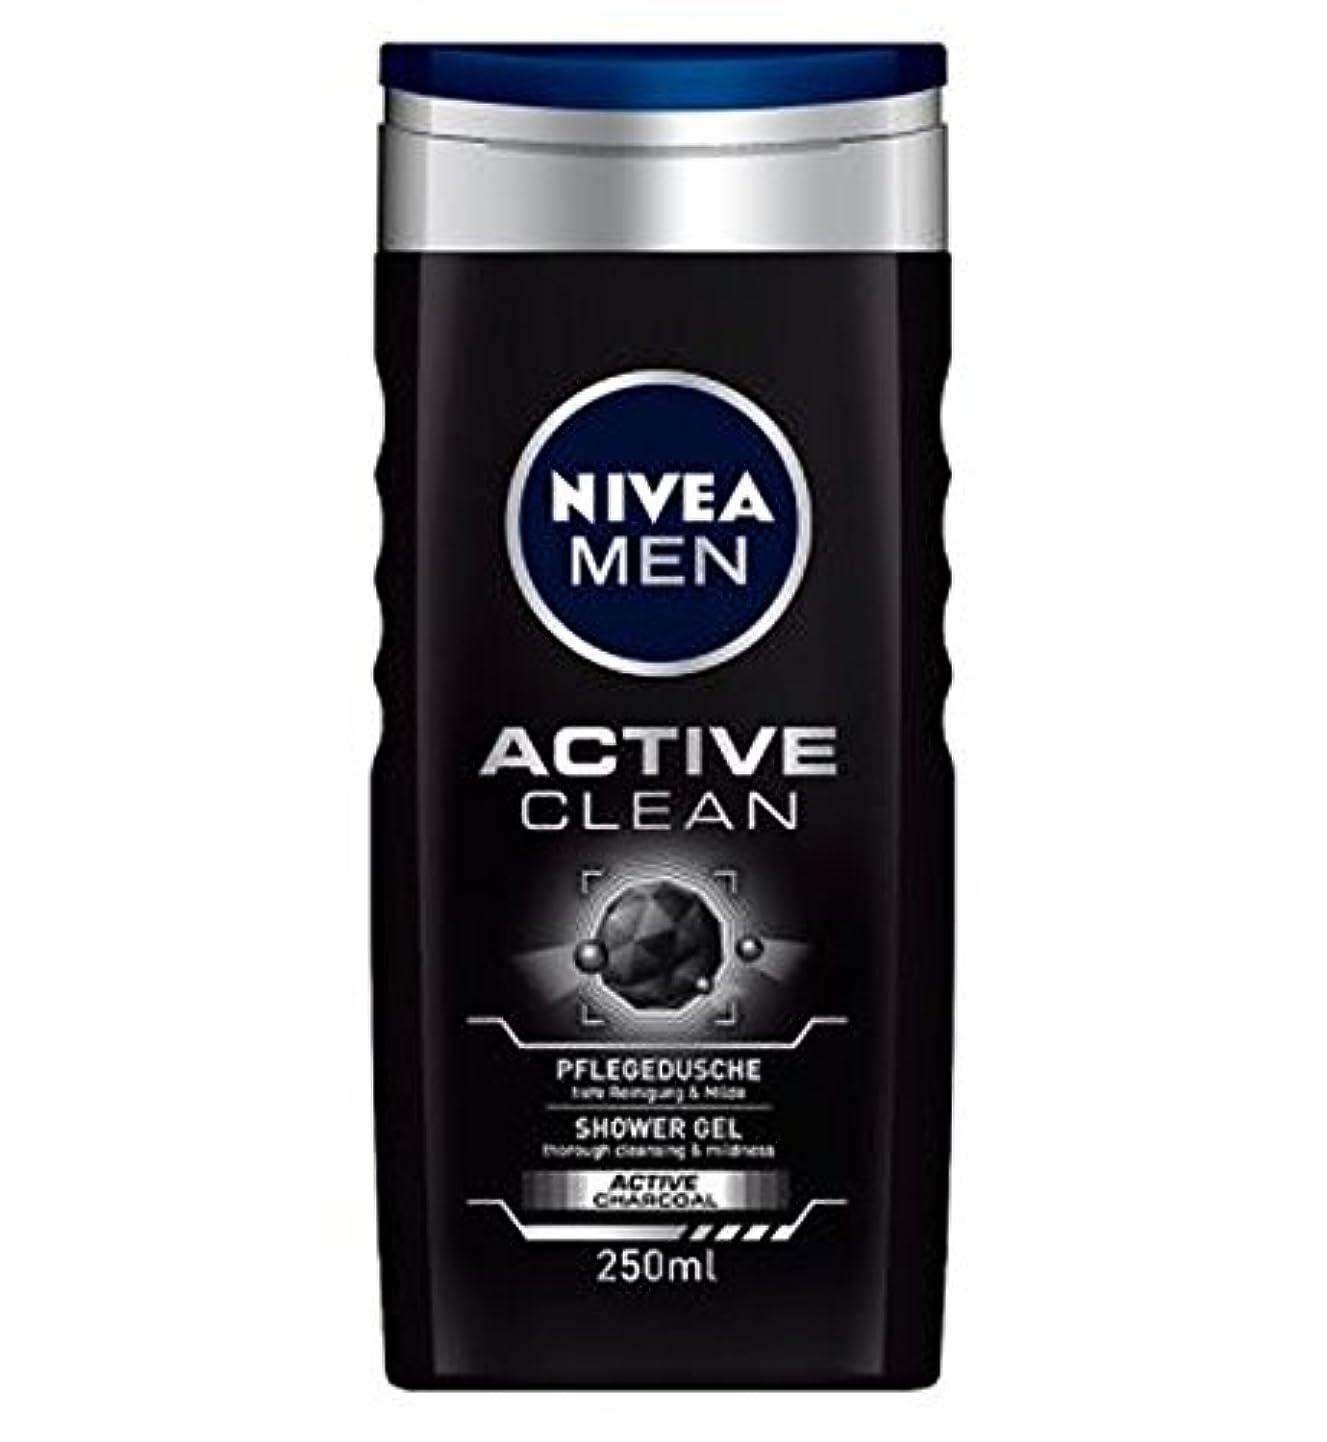 死すべき取るに足らない背景NIVEA MEN Active Clean Shower Gel 250ml - ニベアの男性アクティブクリーンシャワージェル250ミリリットル (Nivea) [並行輸入品]